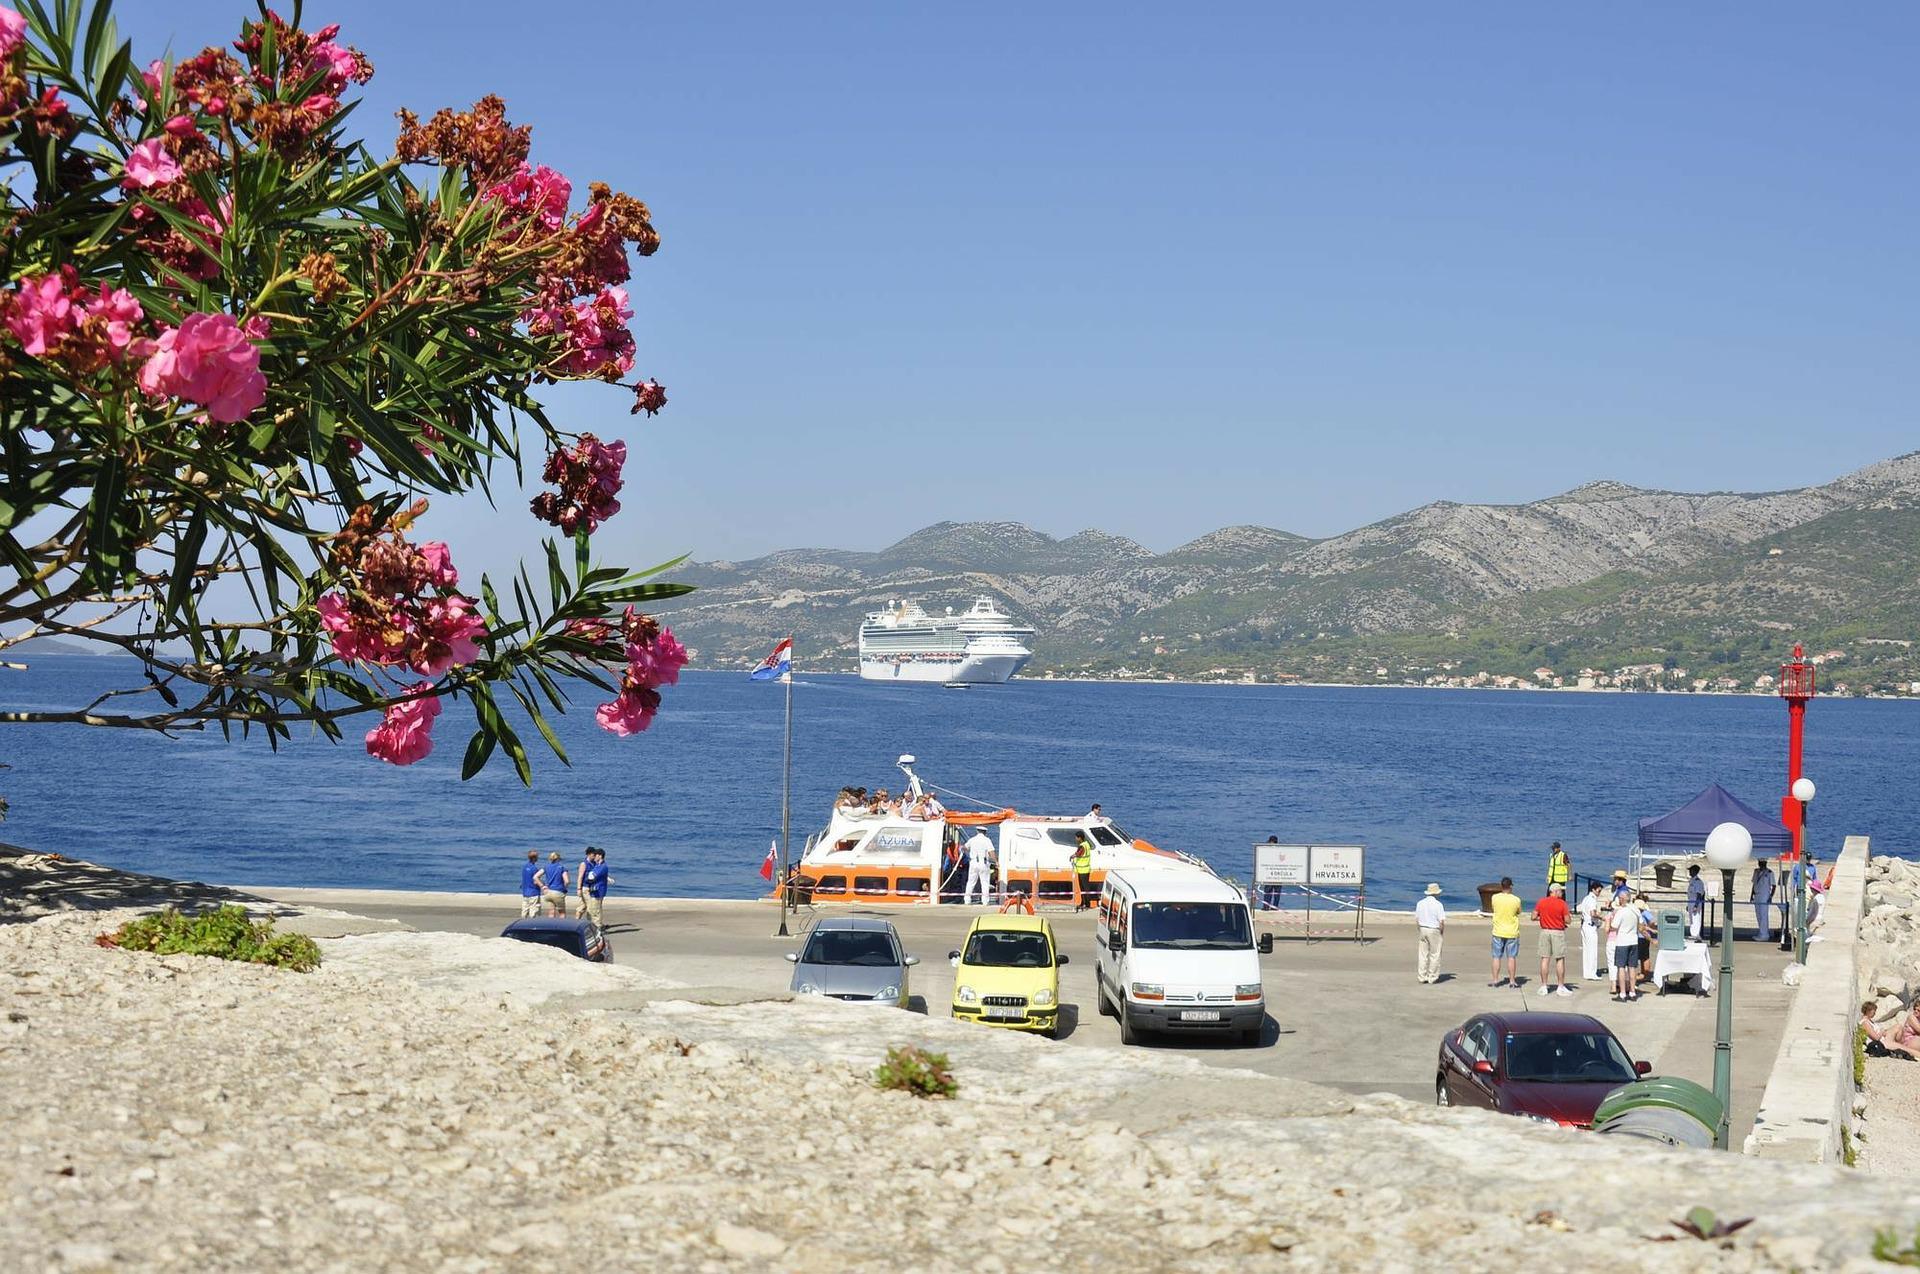 Rondreis Kroatië - Grand Hotel Neum